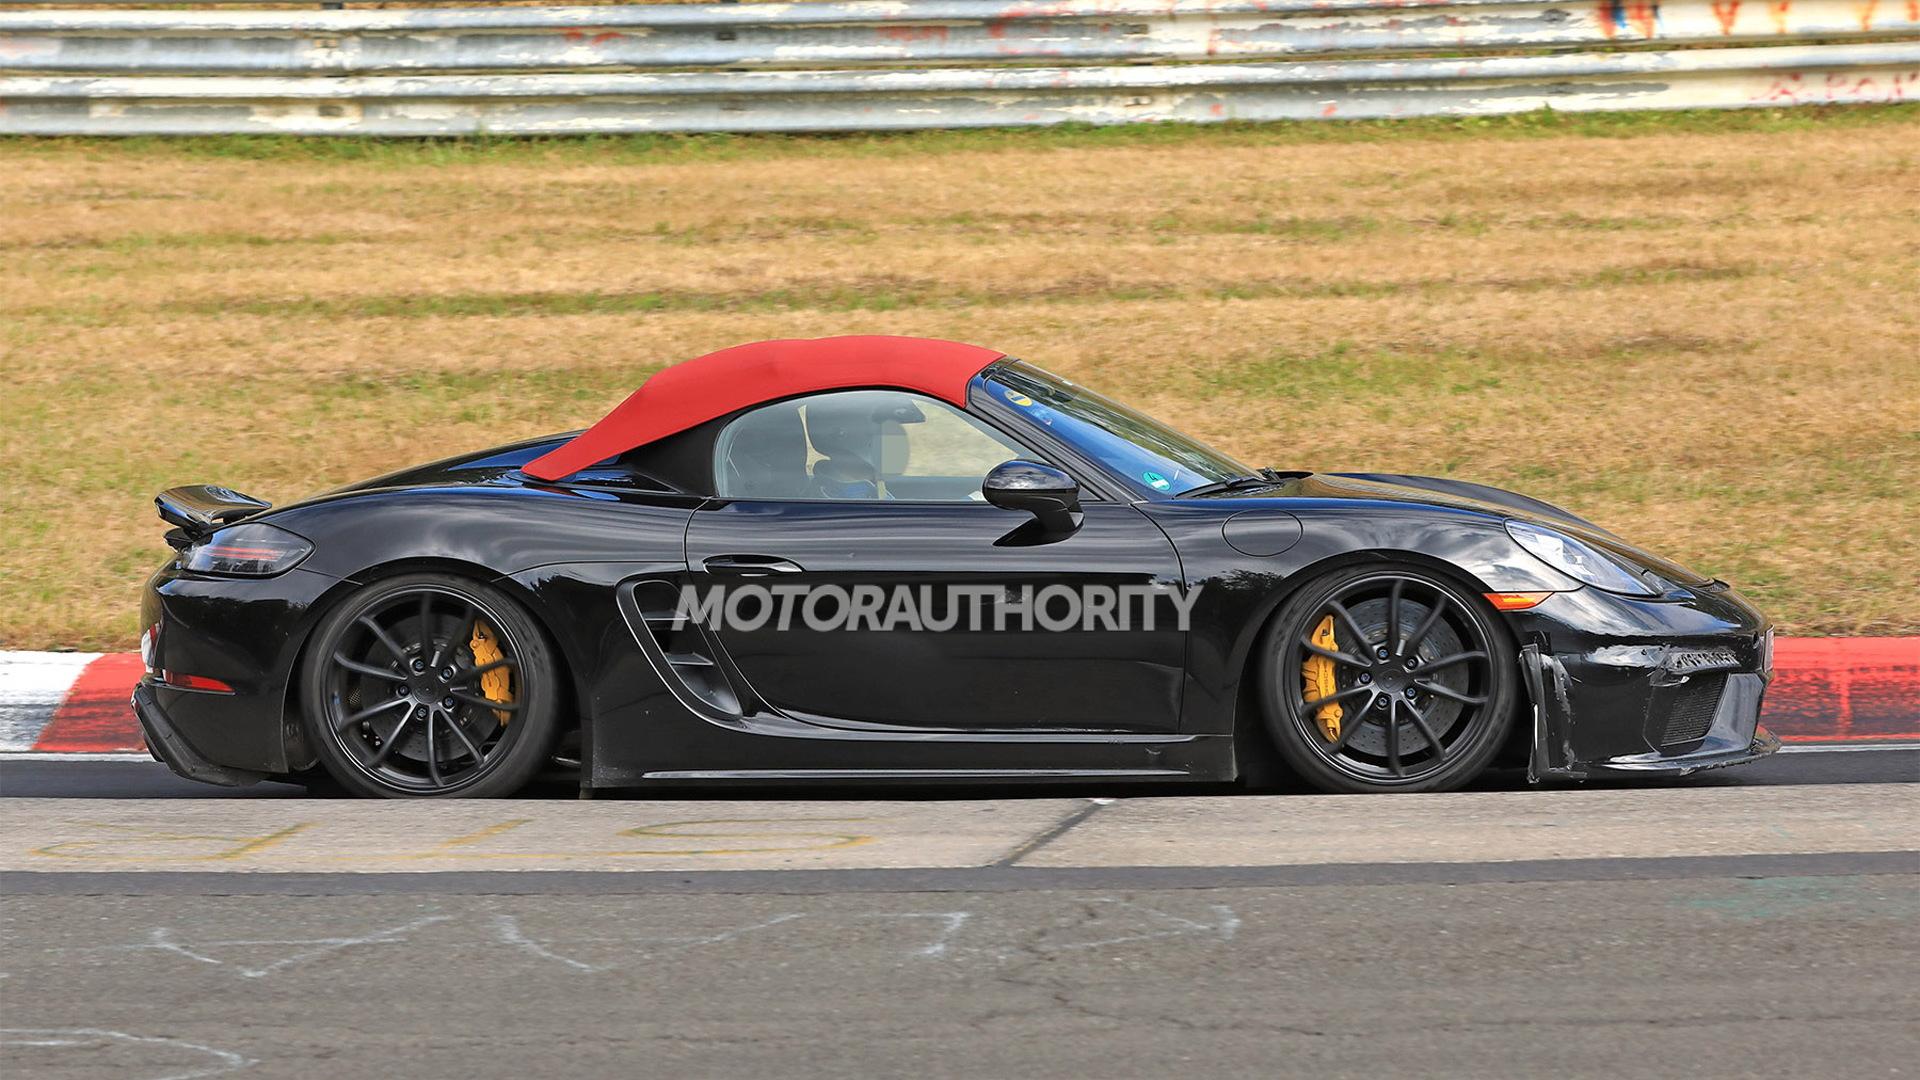 2020 Porsche 718 Boxster Spyder spy shots - Image via S. Baldauf/SB-Medien